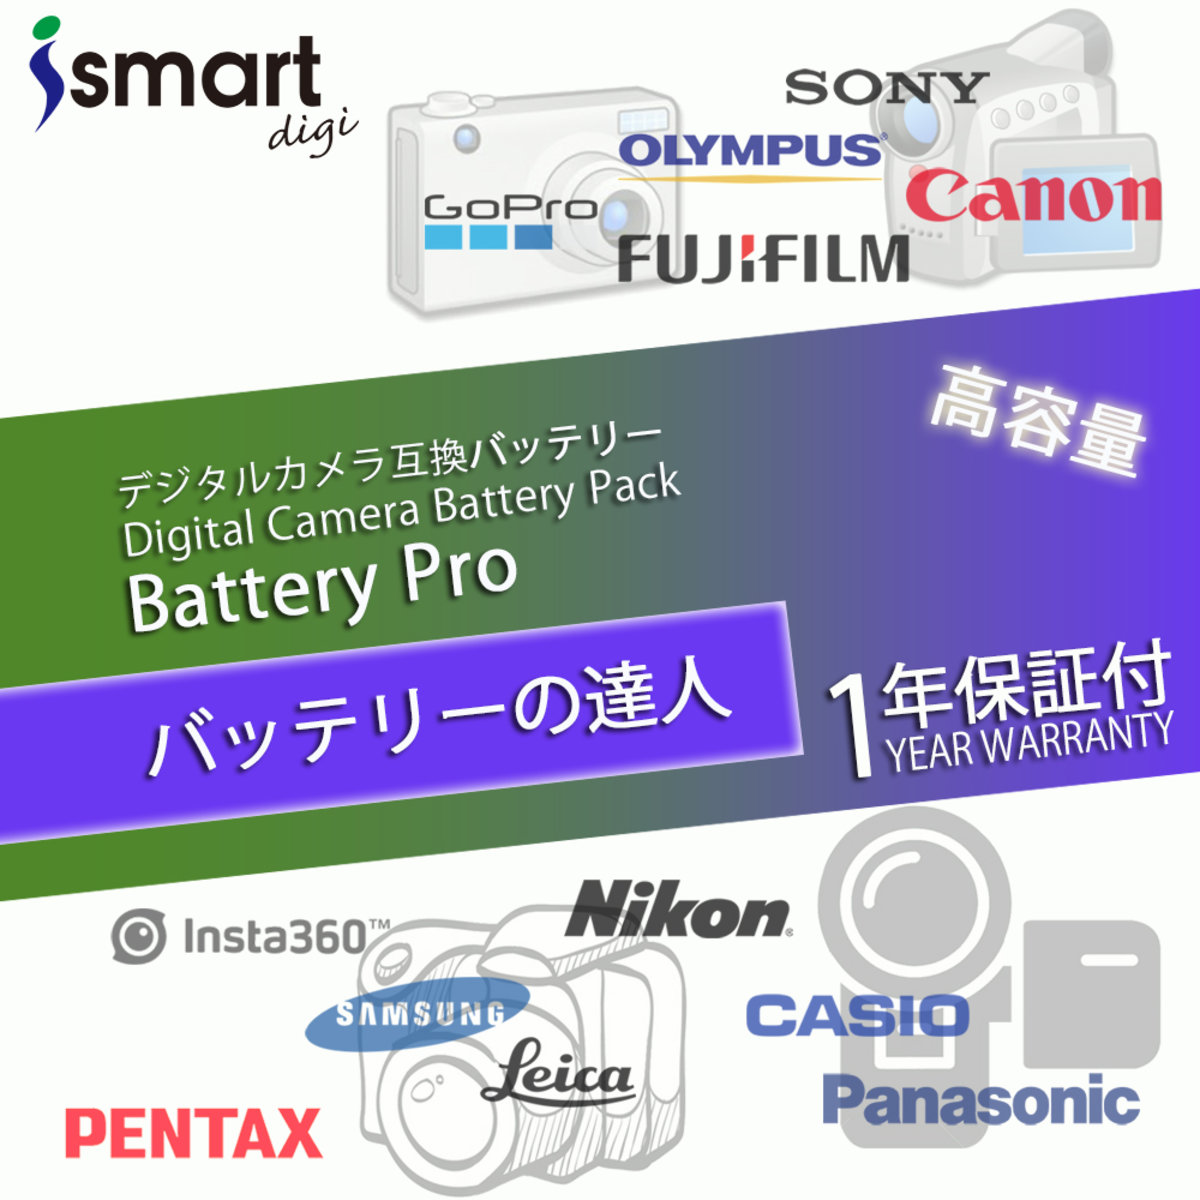 Canon Digital Camera Battery (For: EOS 600D, EOS 550D ,700D, EOS Rebel T2i ,650D,750D,760D)